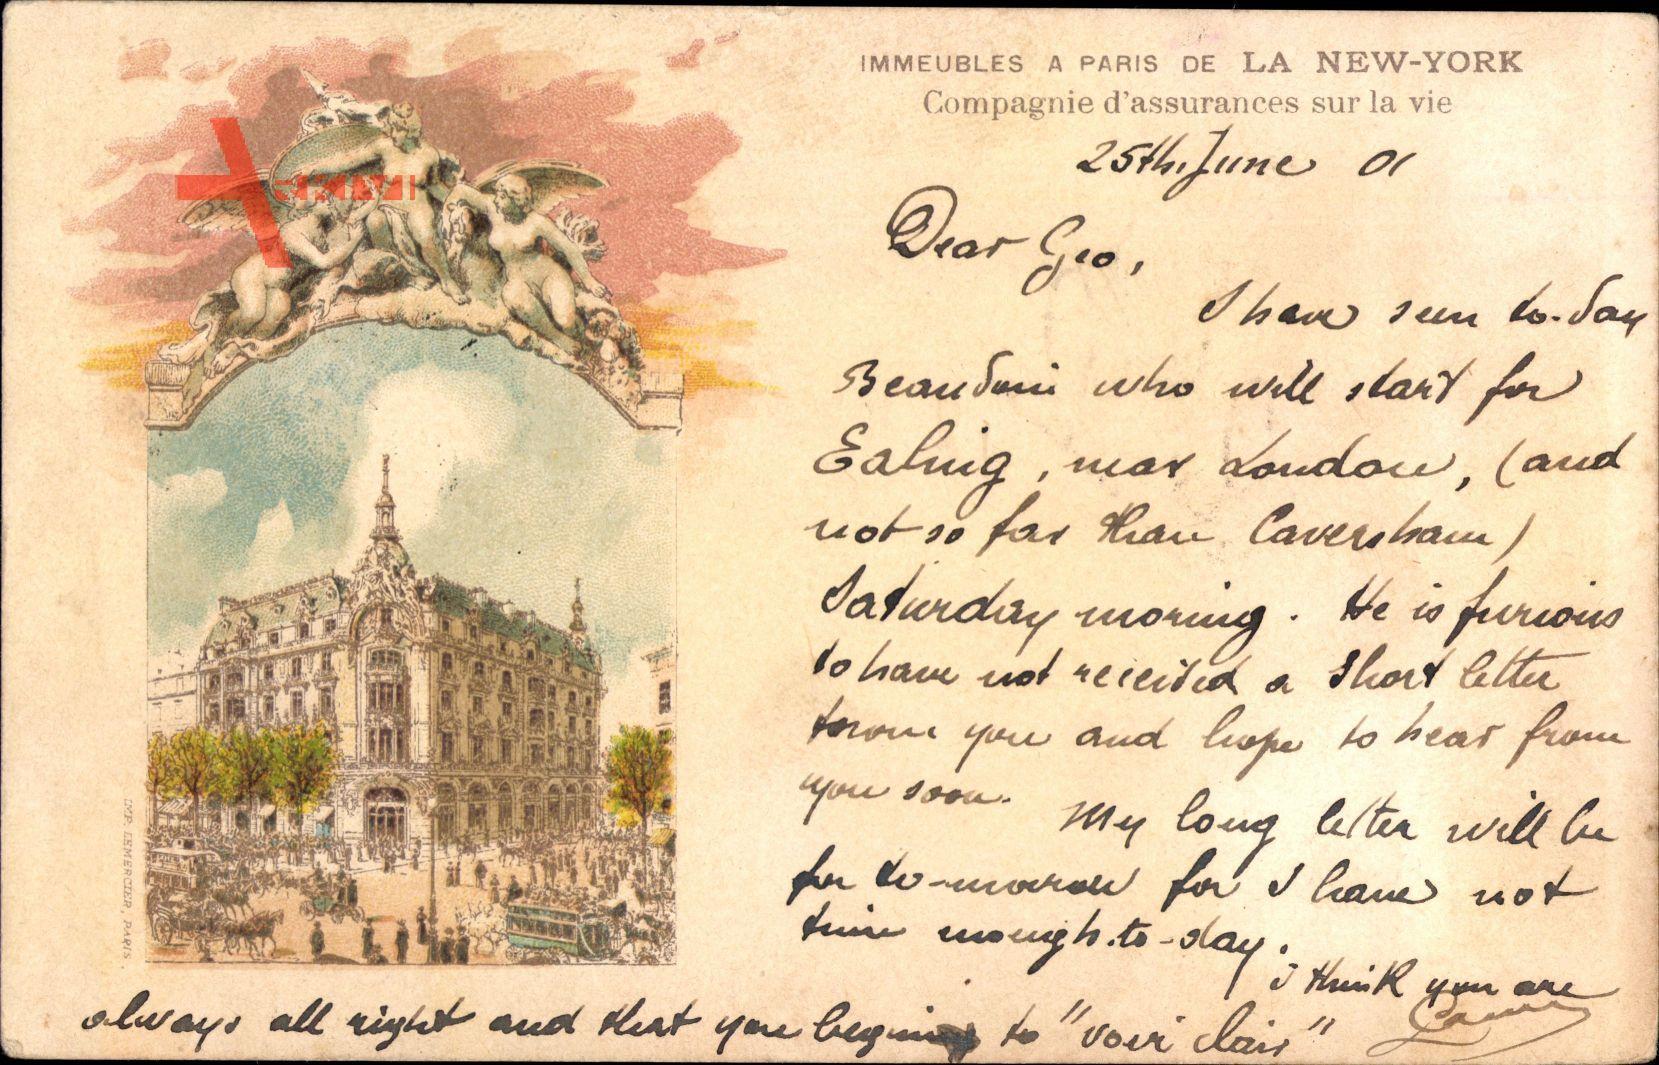 Paris, Immeubles de la New York, Cie dAssurances sur la vie